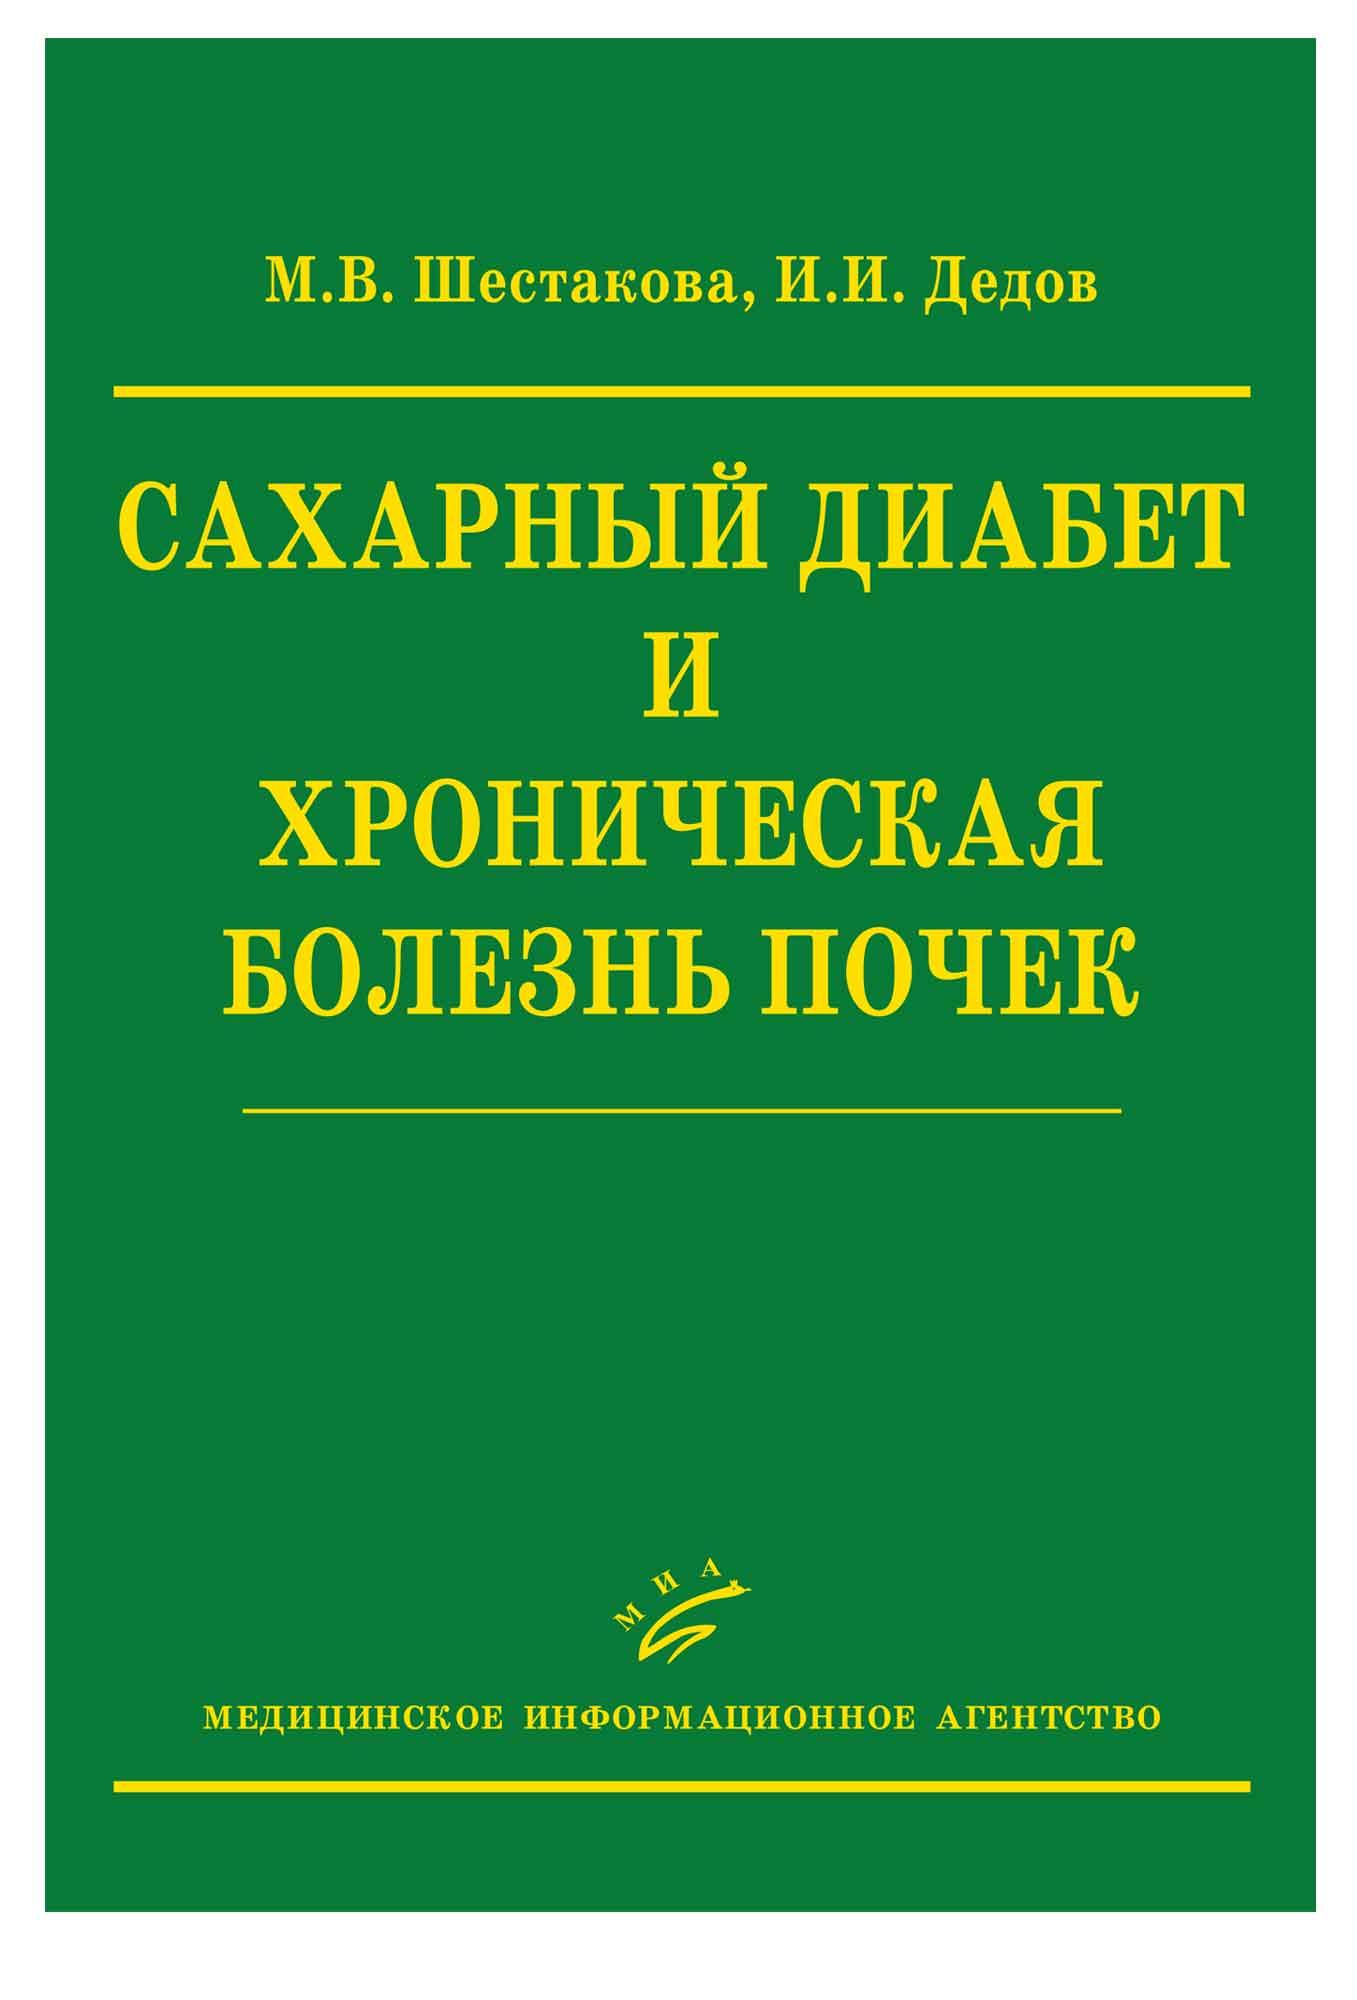 Дедов, Иван Иванович Википедия 17